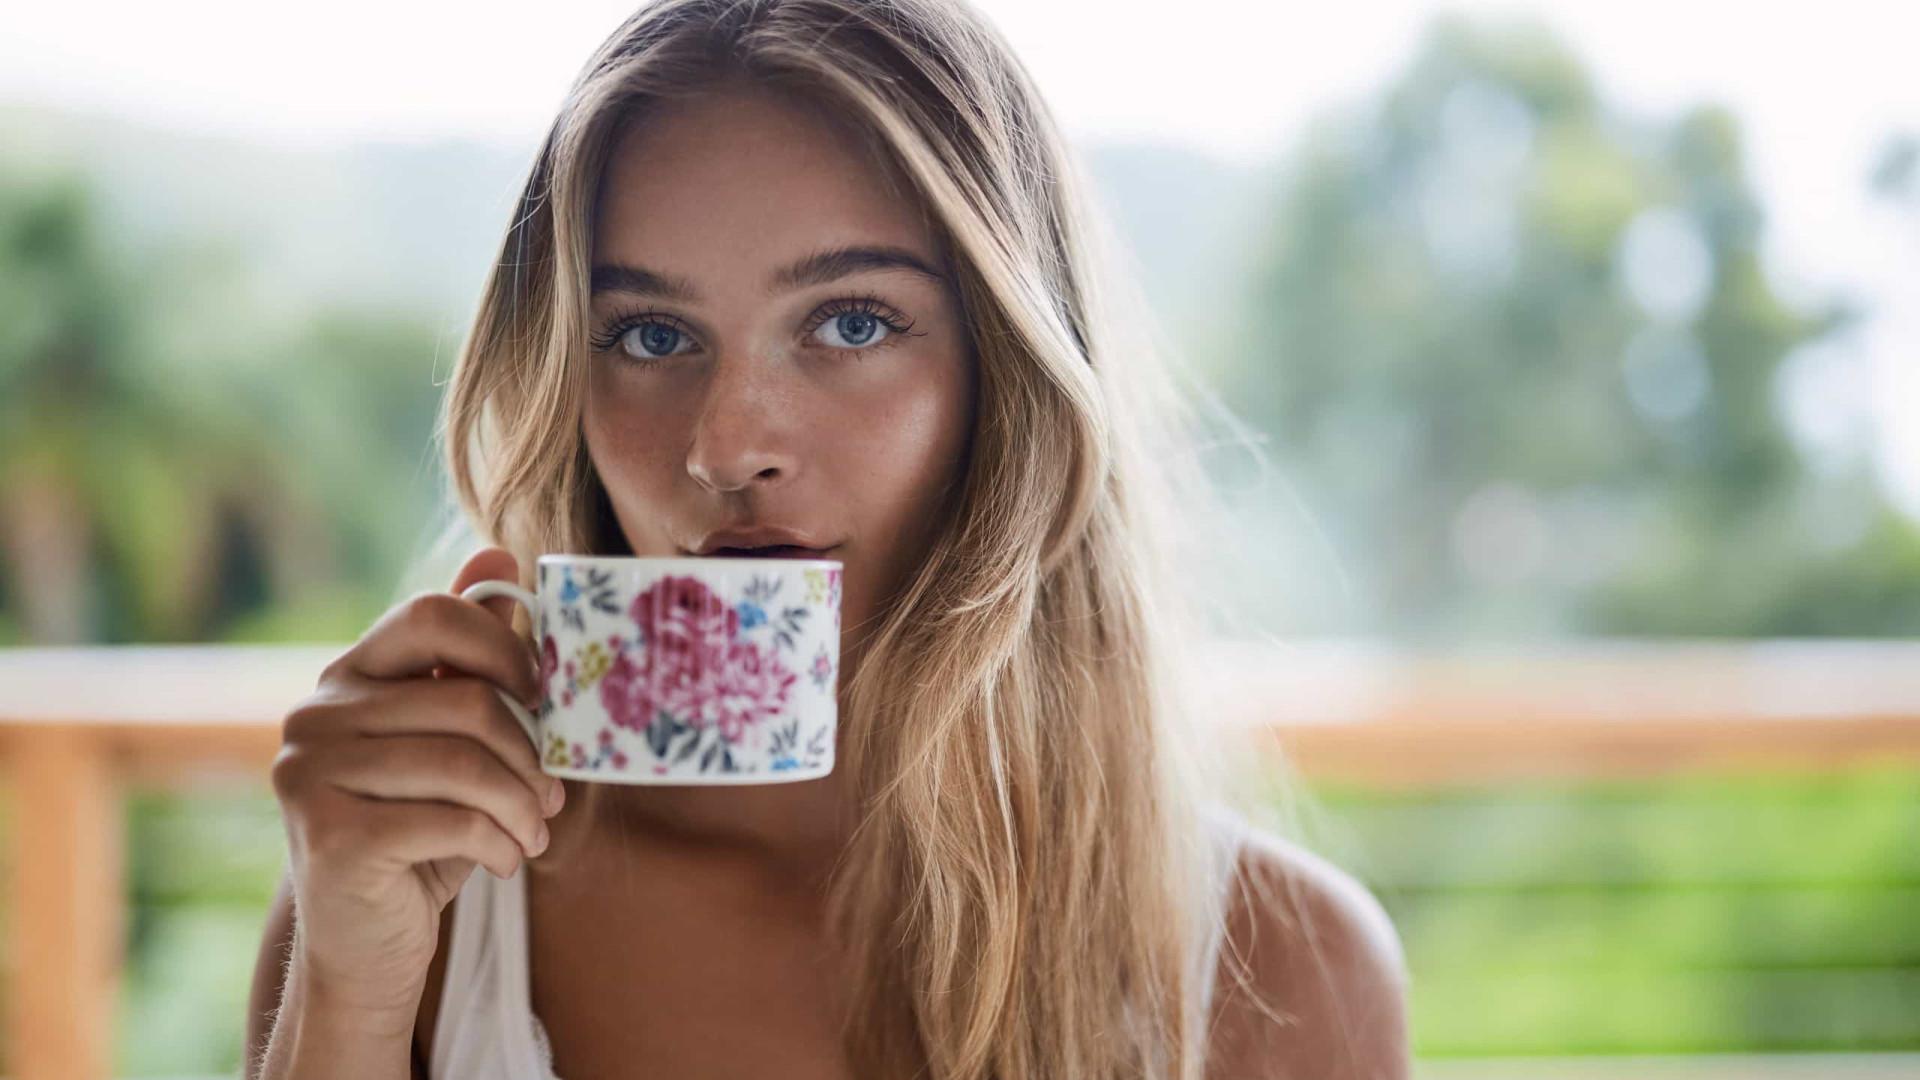 A receita do chá potente que queima gordura de forma saudável